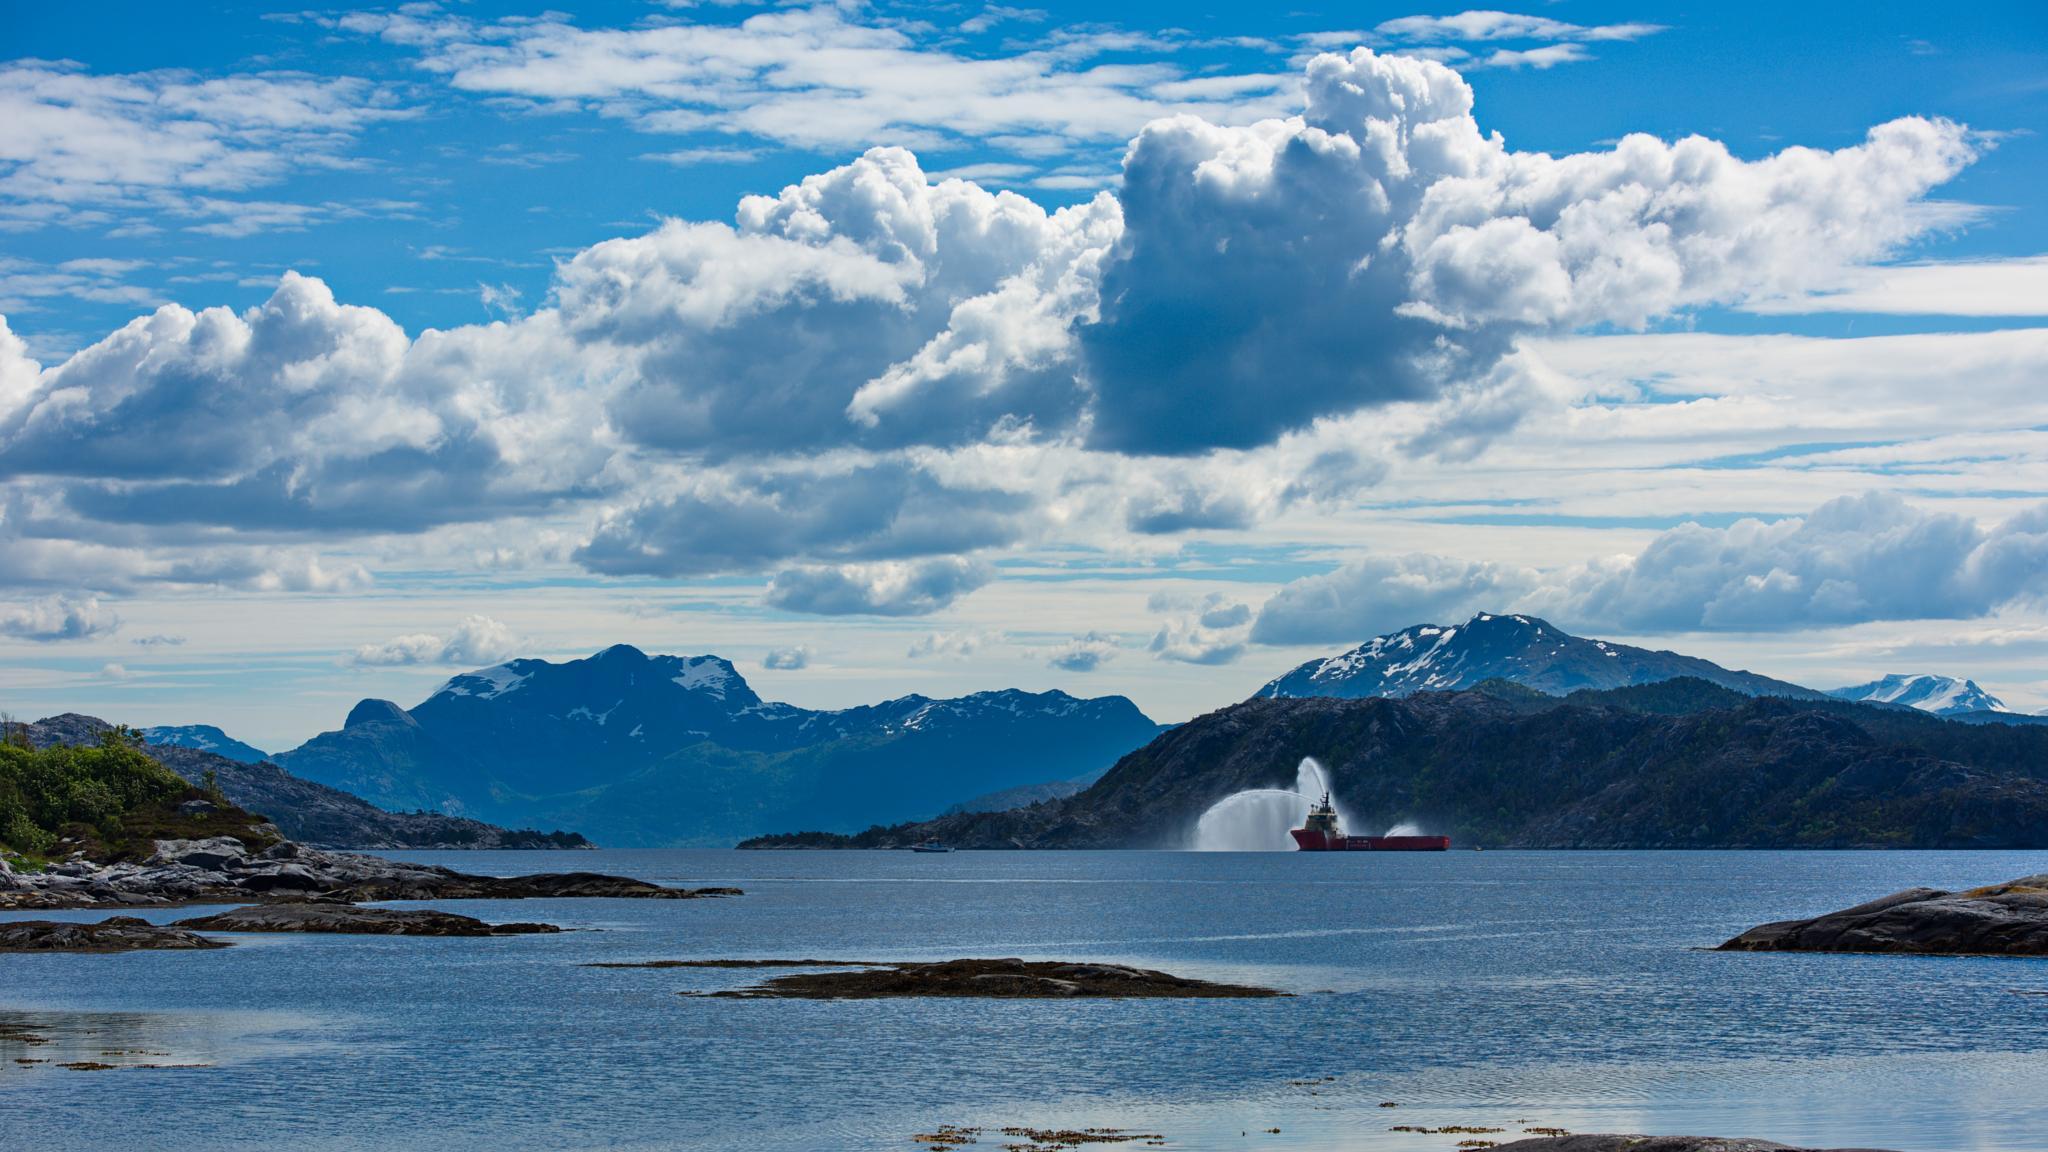 Sørstranda in Florø by Stian Olaisen